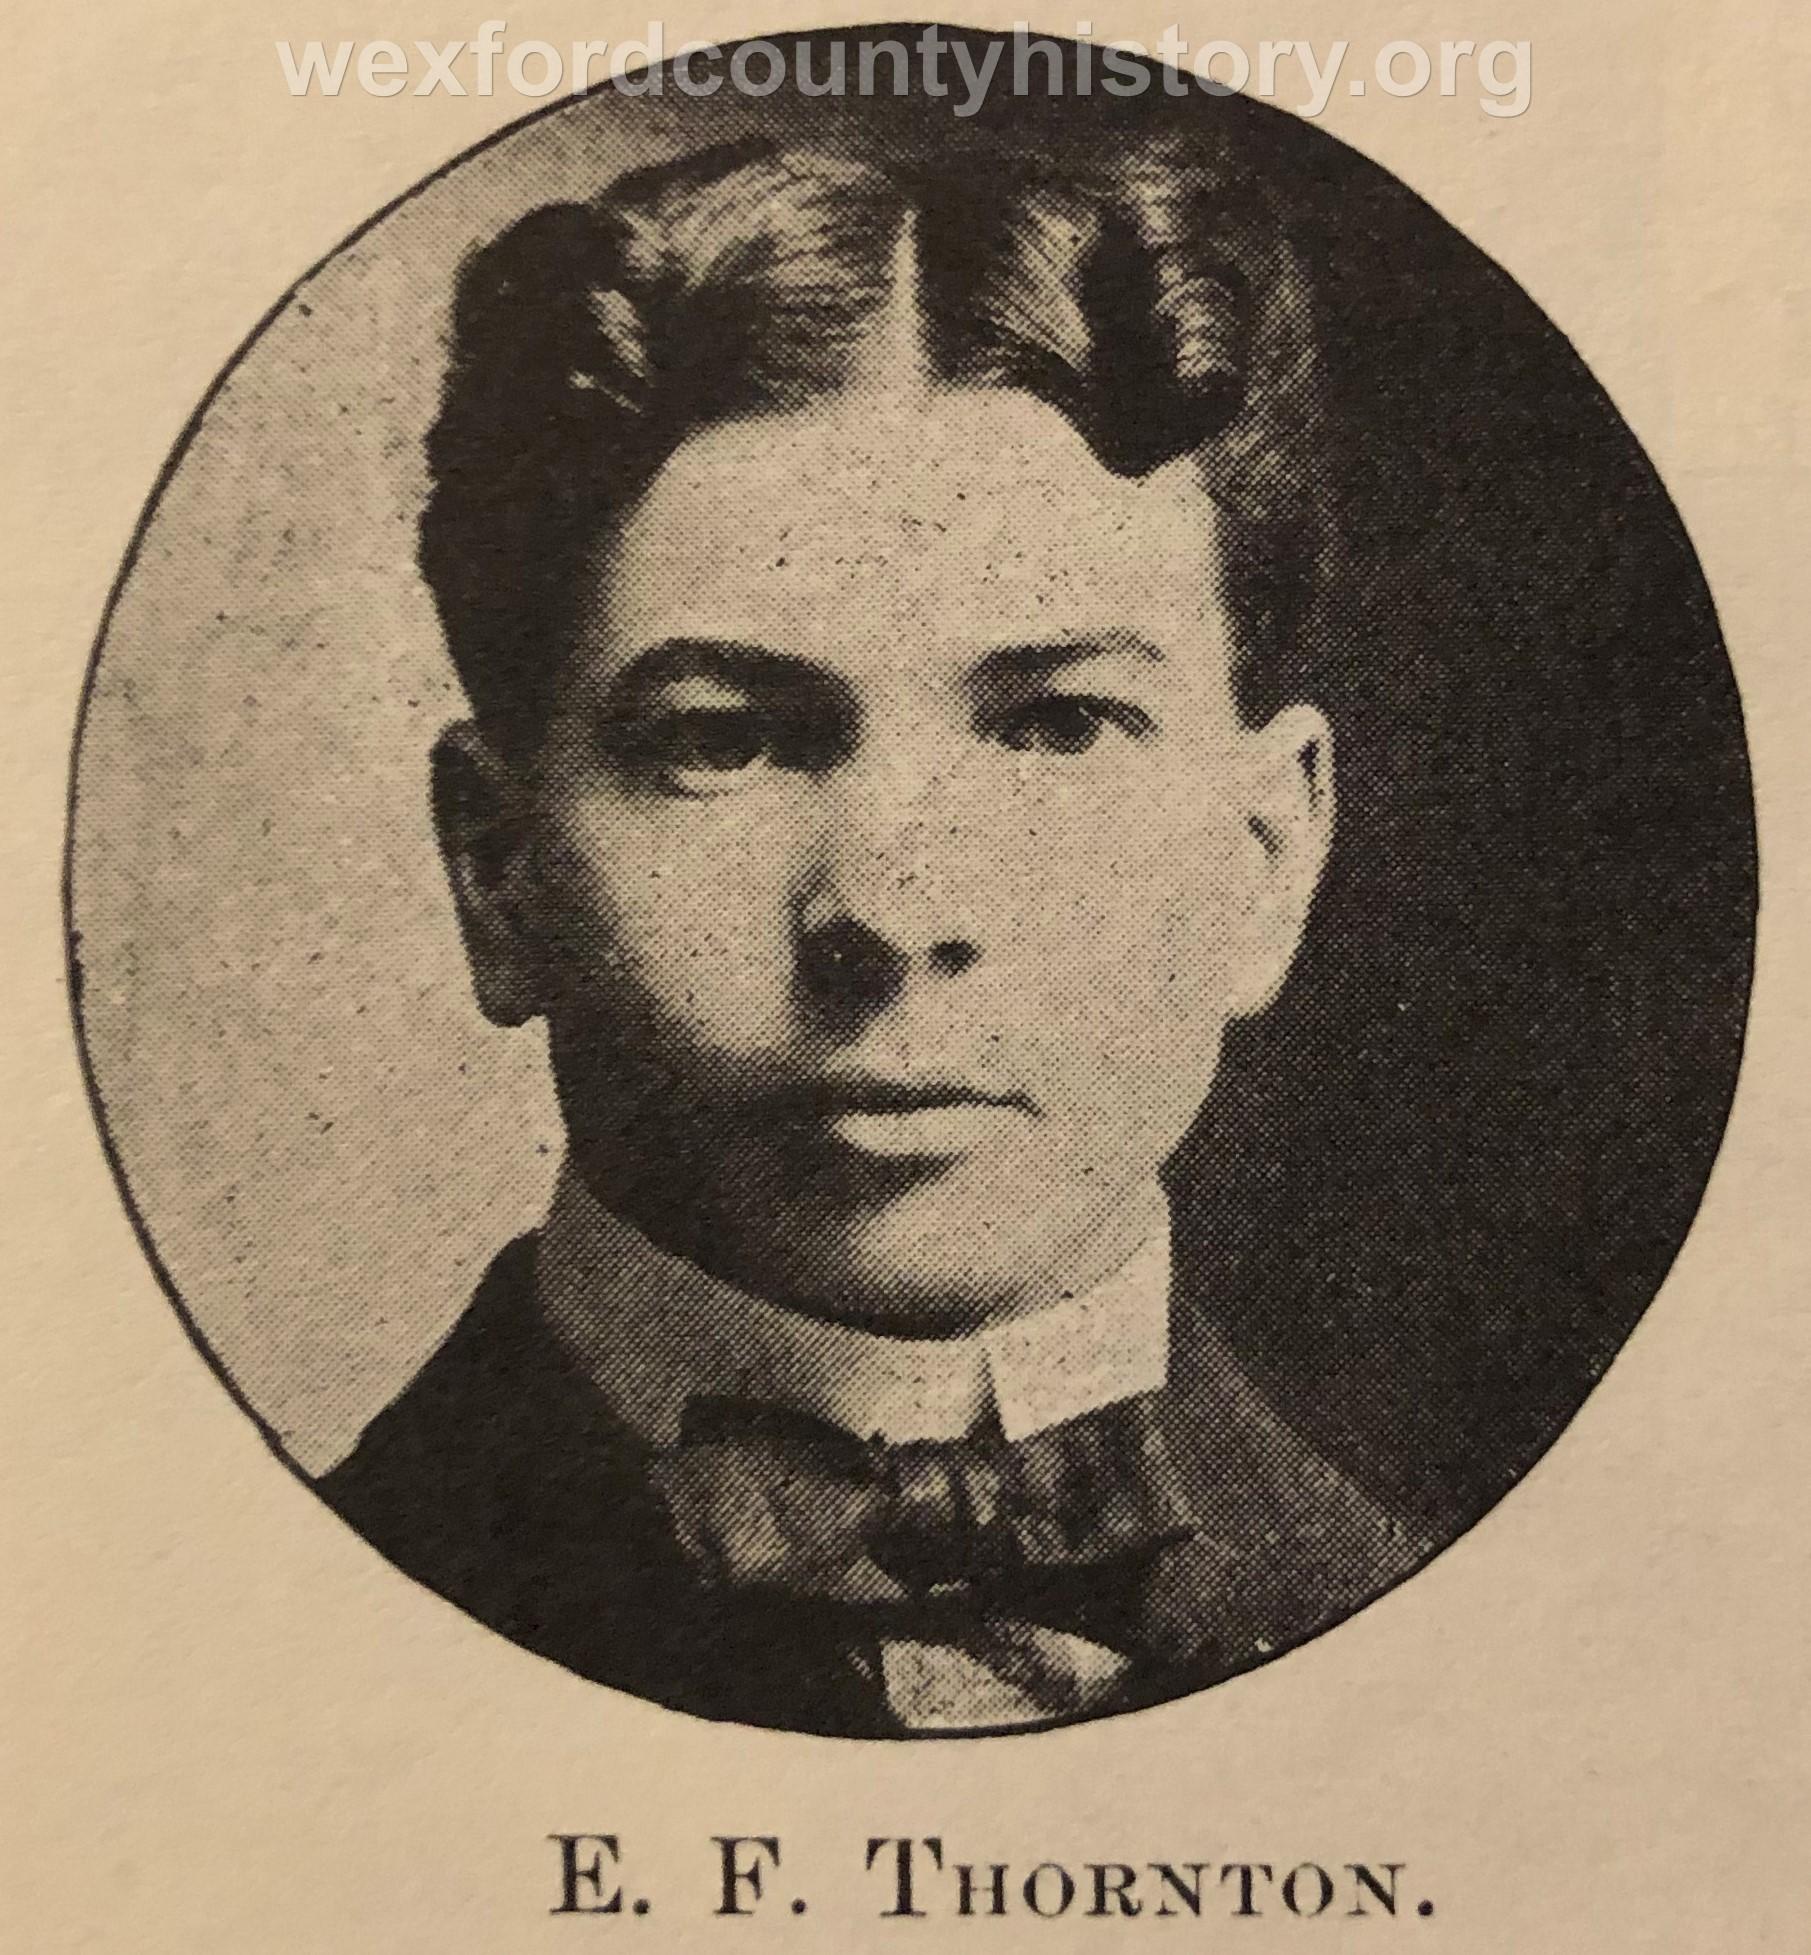 E. F. Thornton